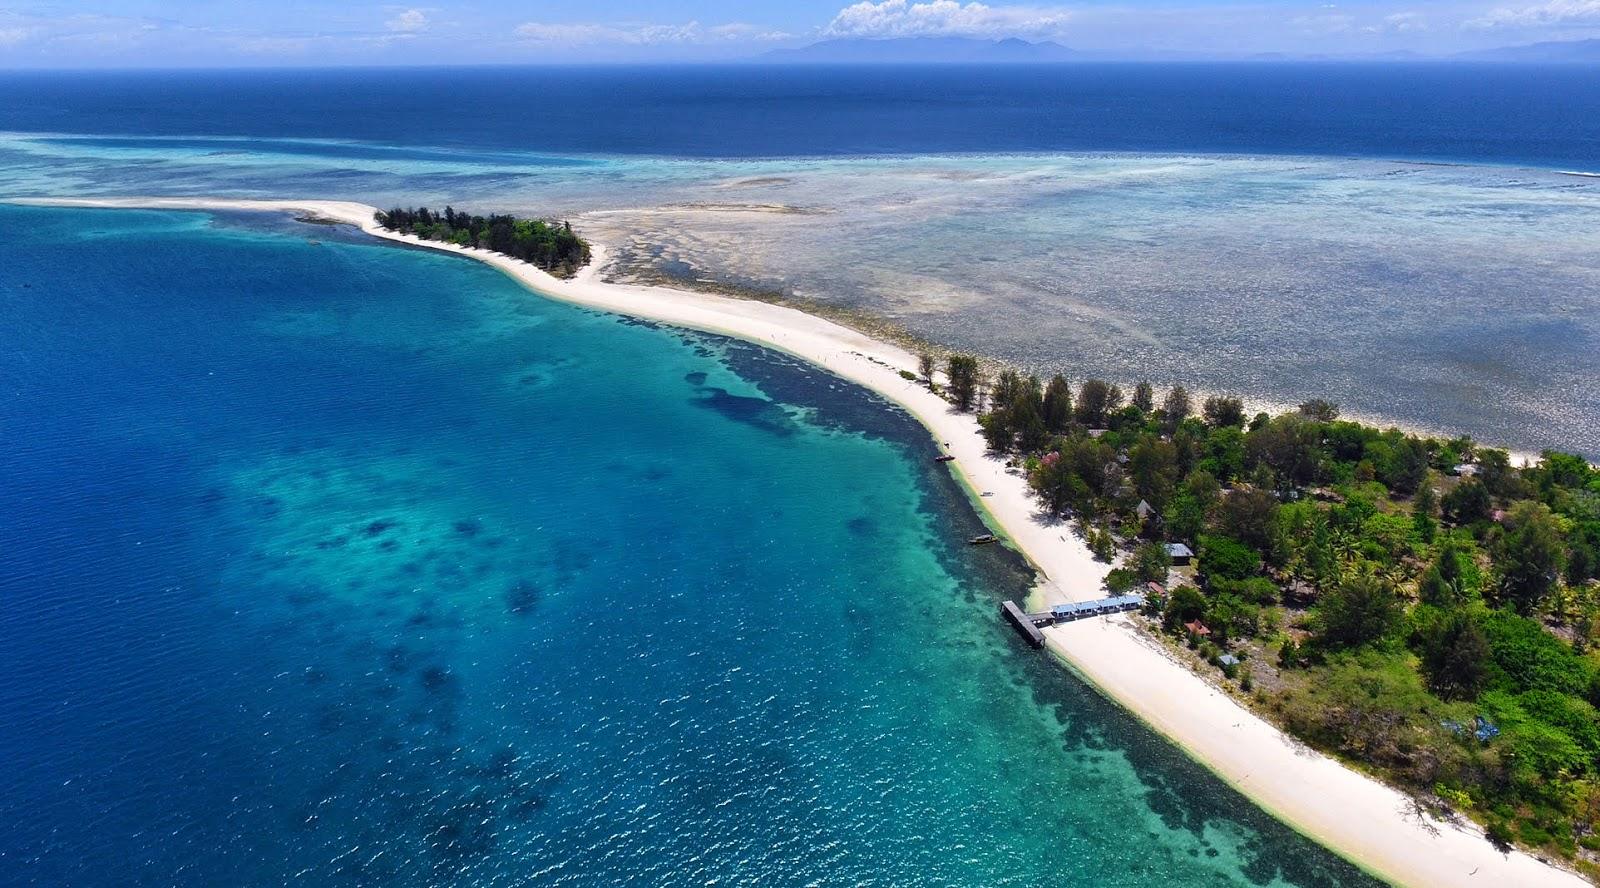 wisata indonesia terbaik di dunia wisata indonesia tengah pulau indah pasir putih